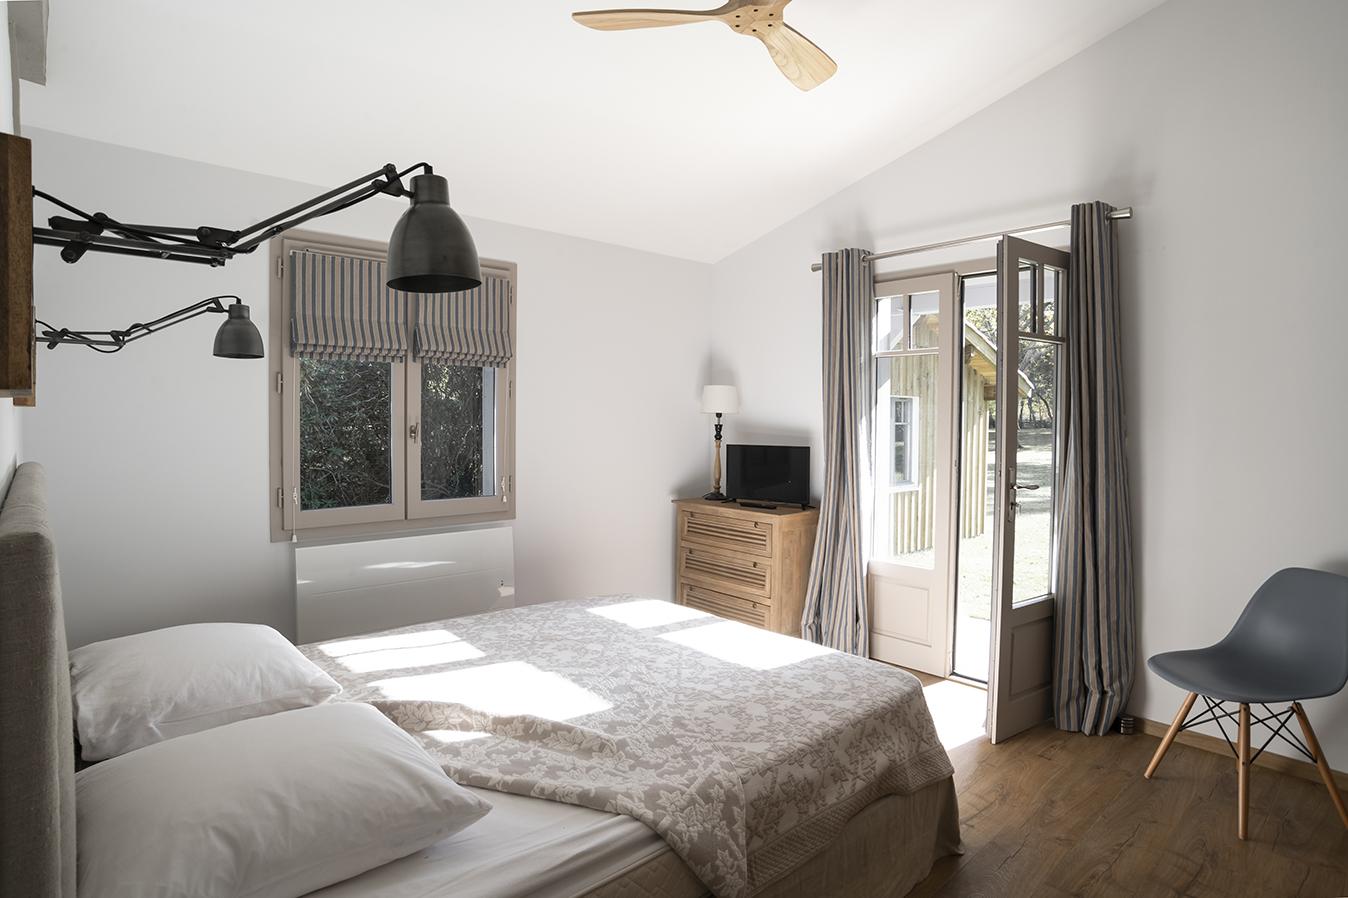 Rénovation_maison landes_lala architectes_Chambre